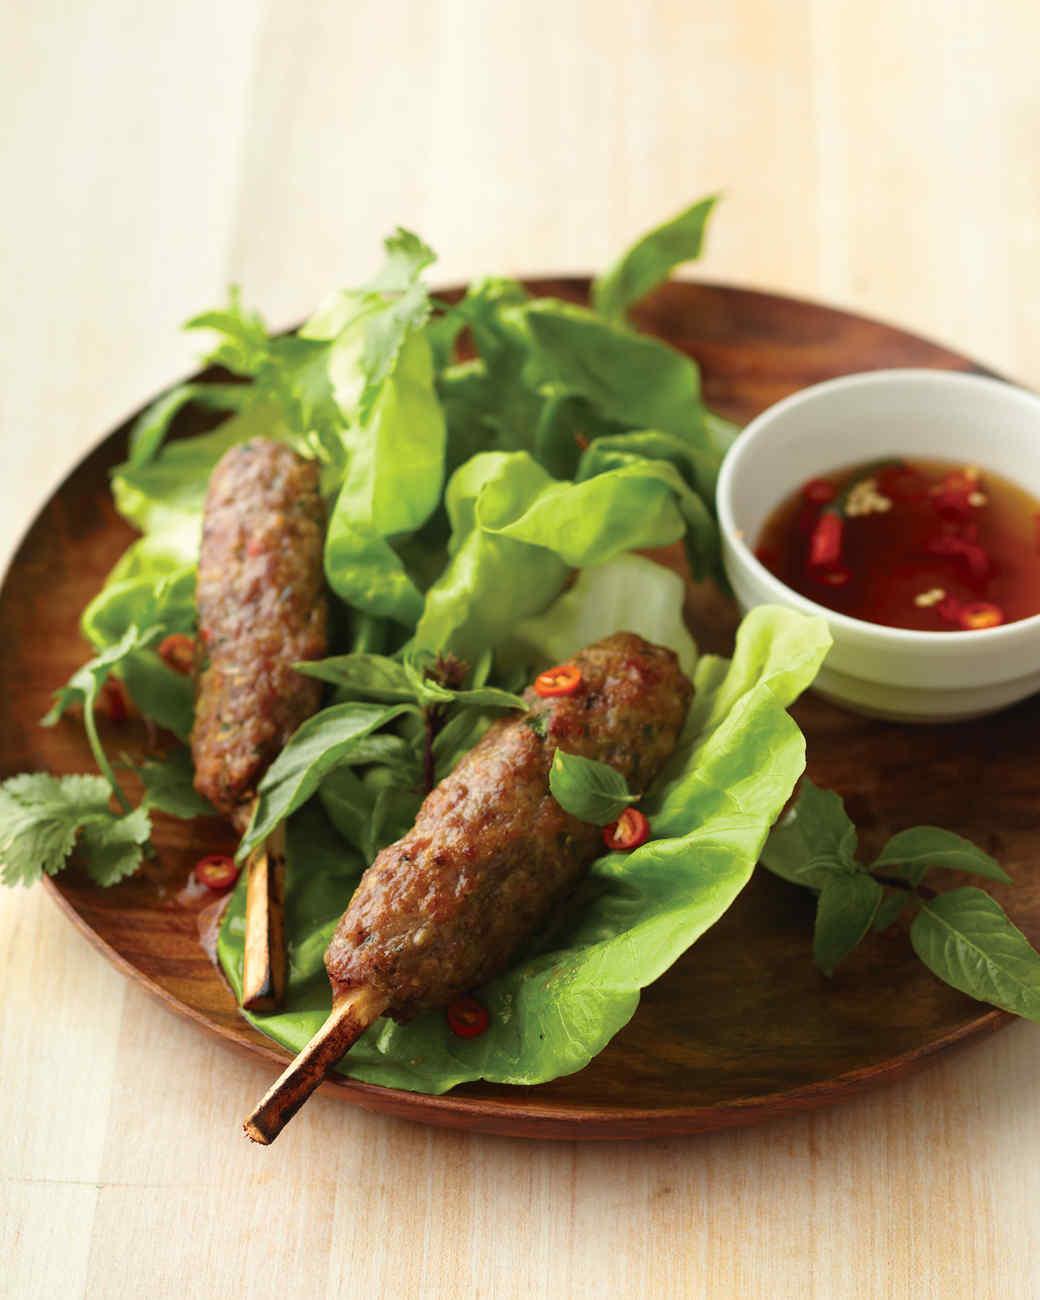 mld106765_0211_kebabs022.jpg